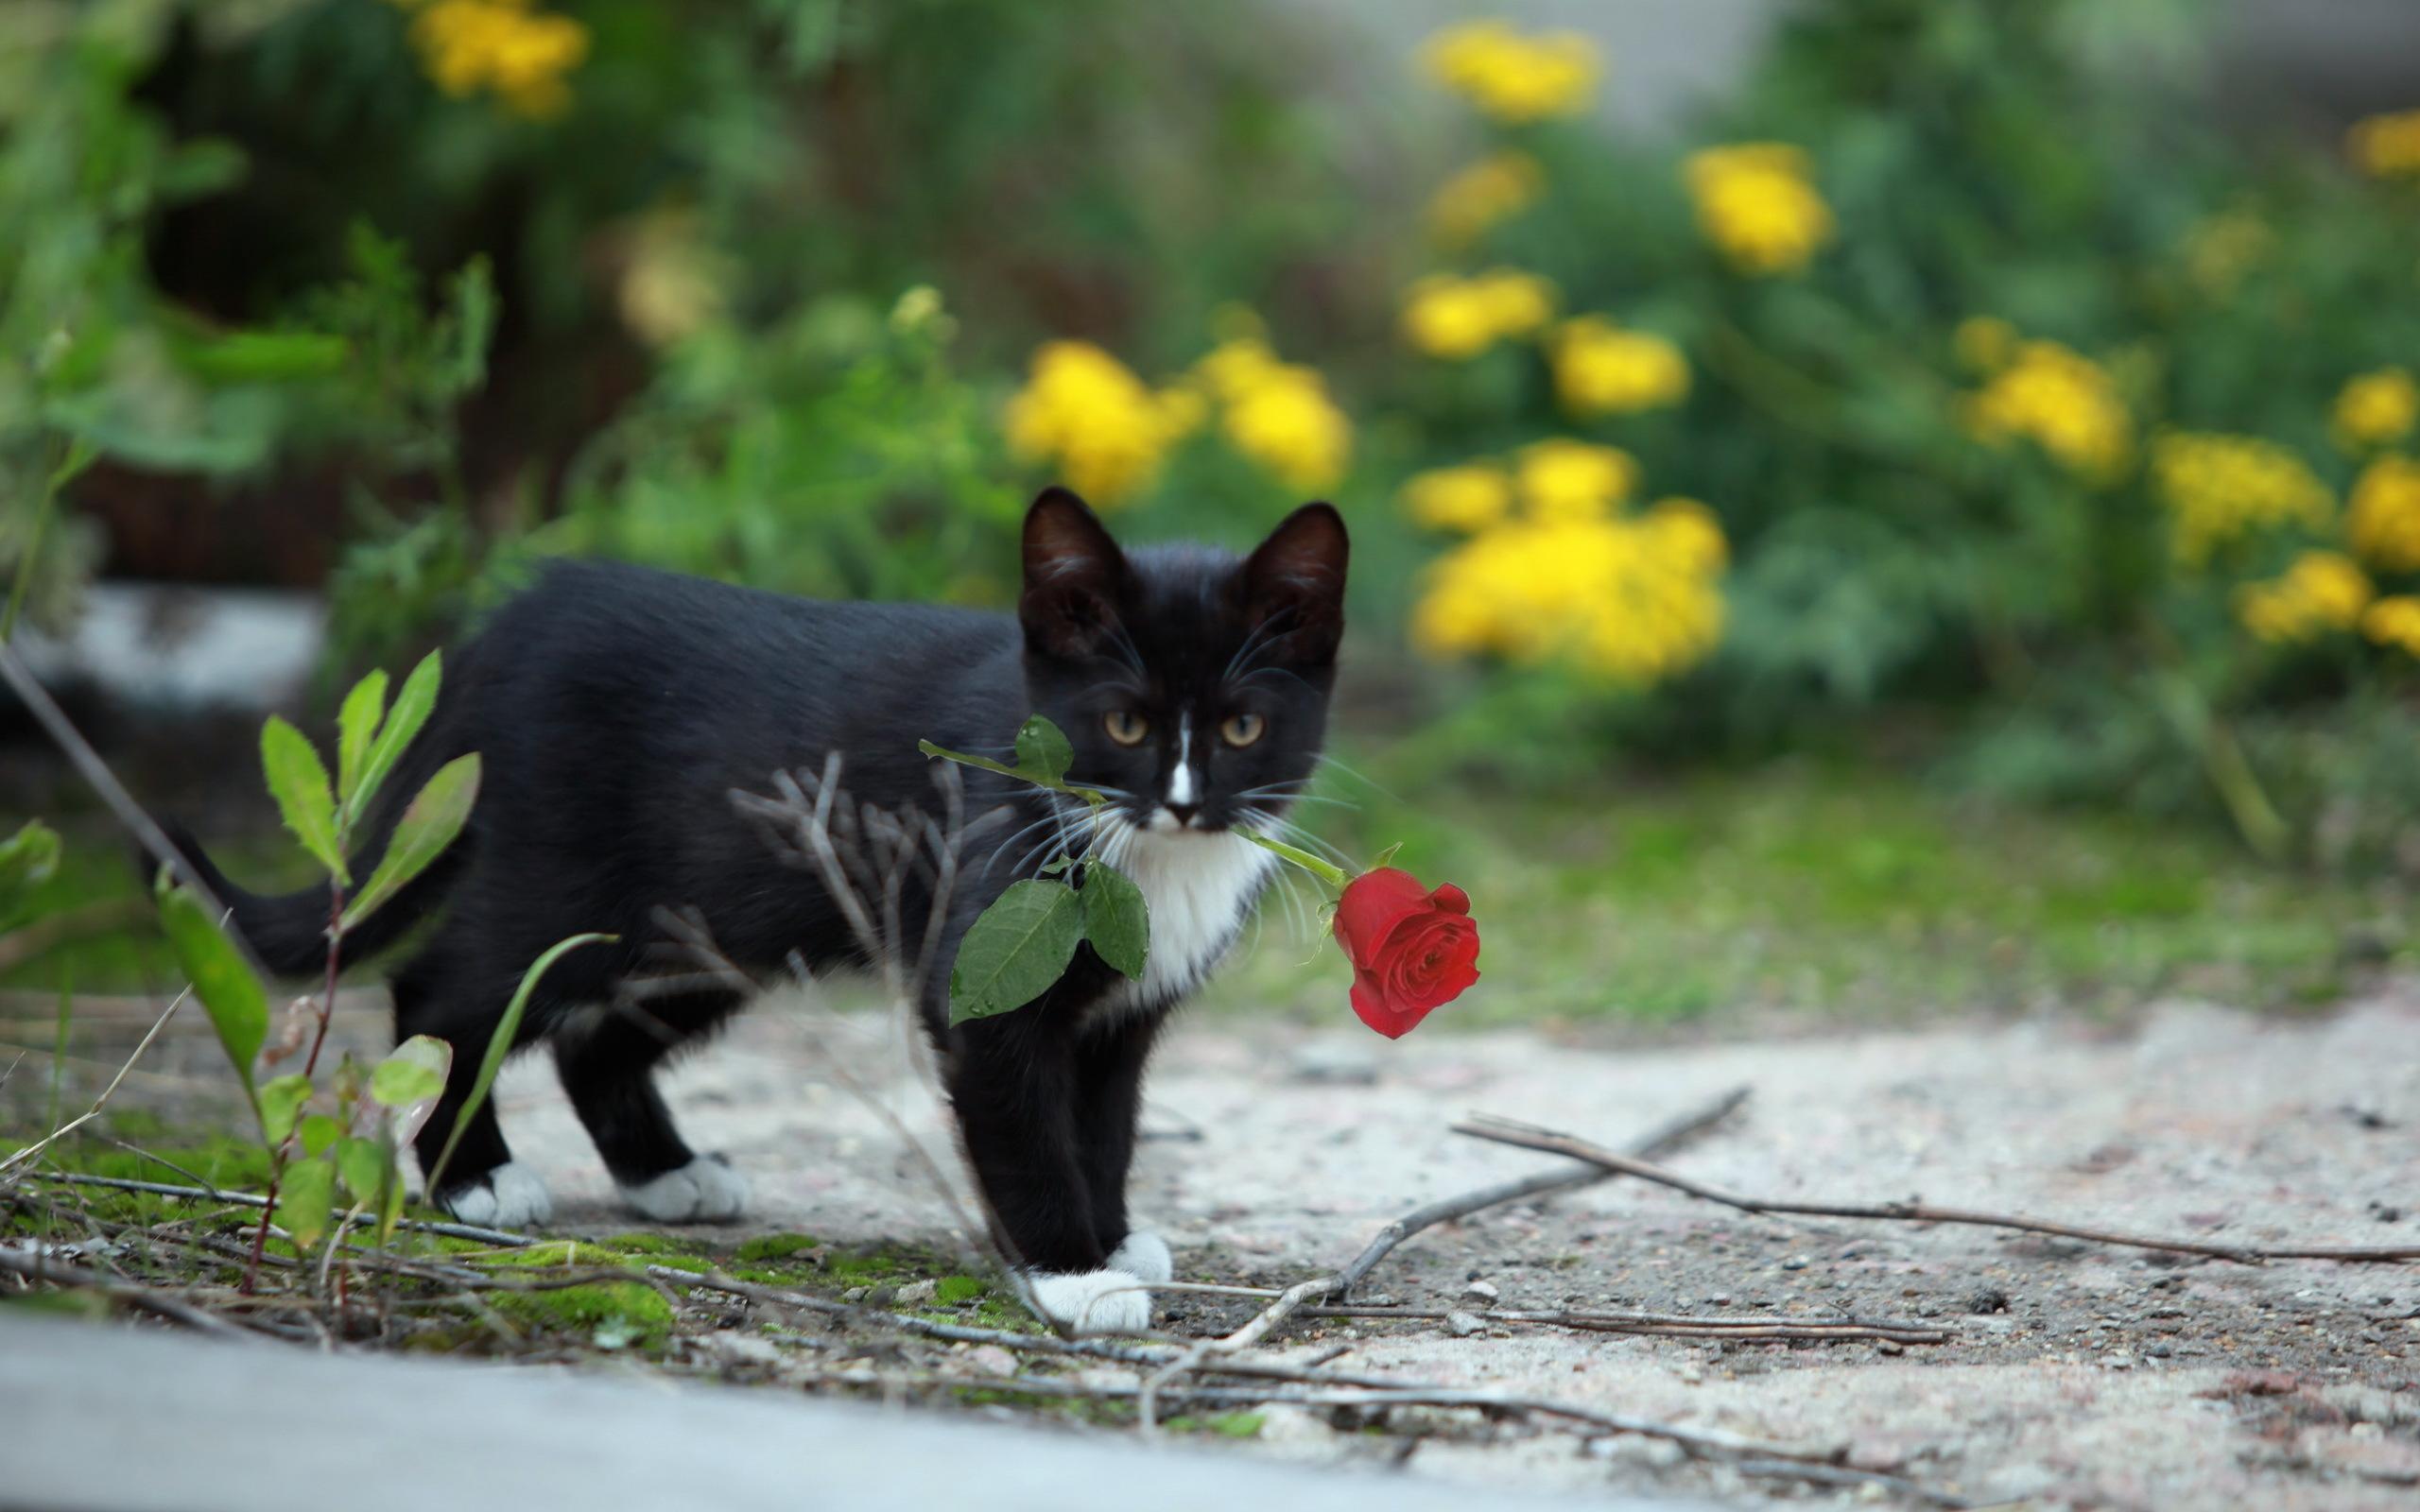 Черно-белый кот на бревнах бесплатно